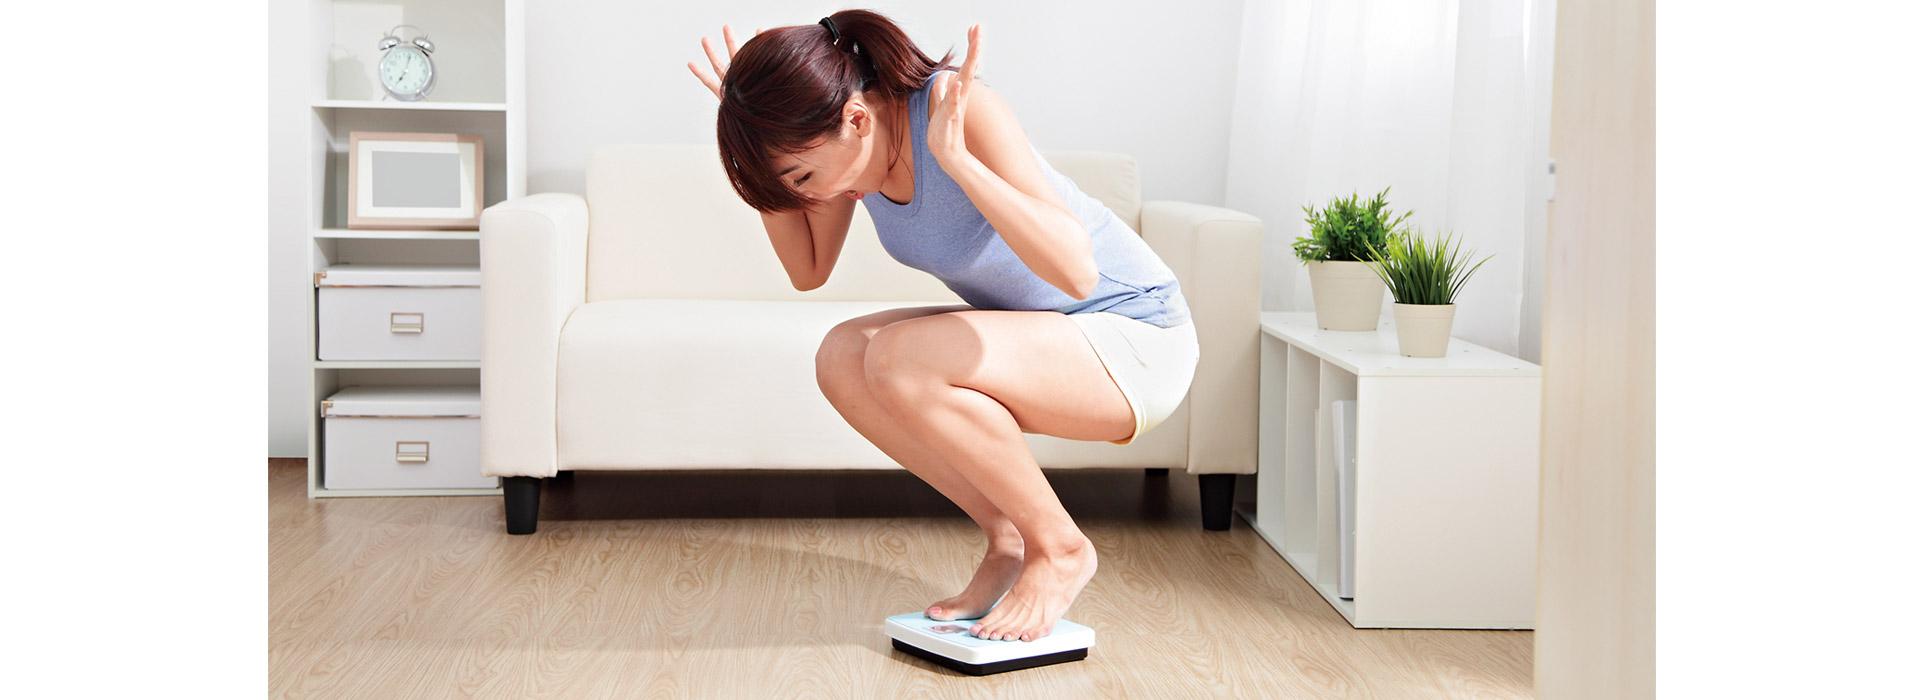 中醫瘦身不復胖  分三型對症下藥